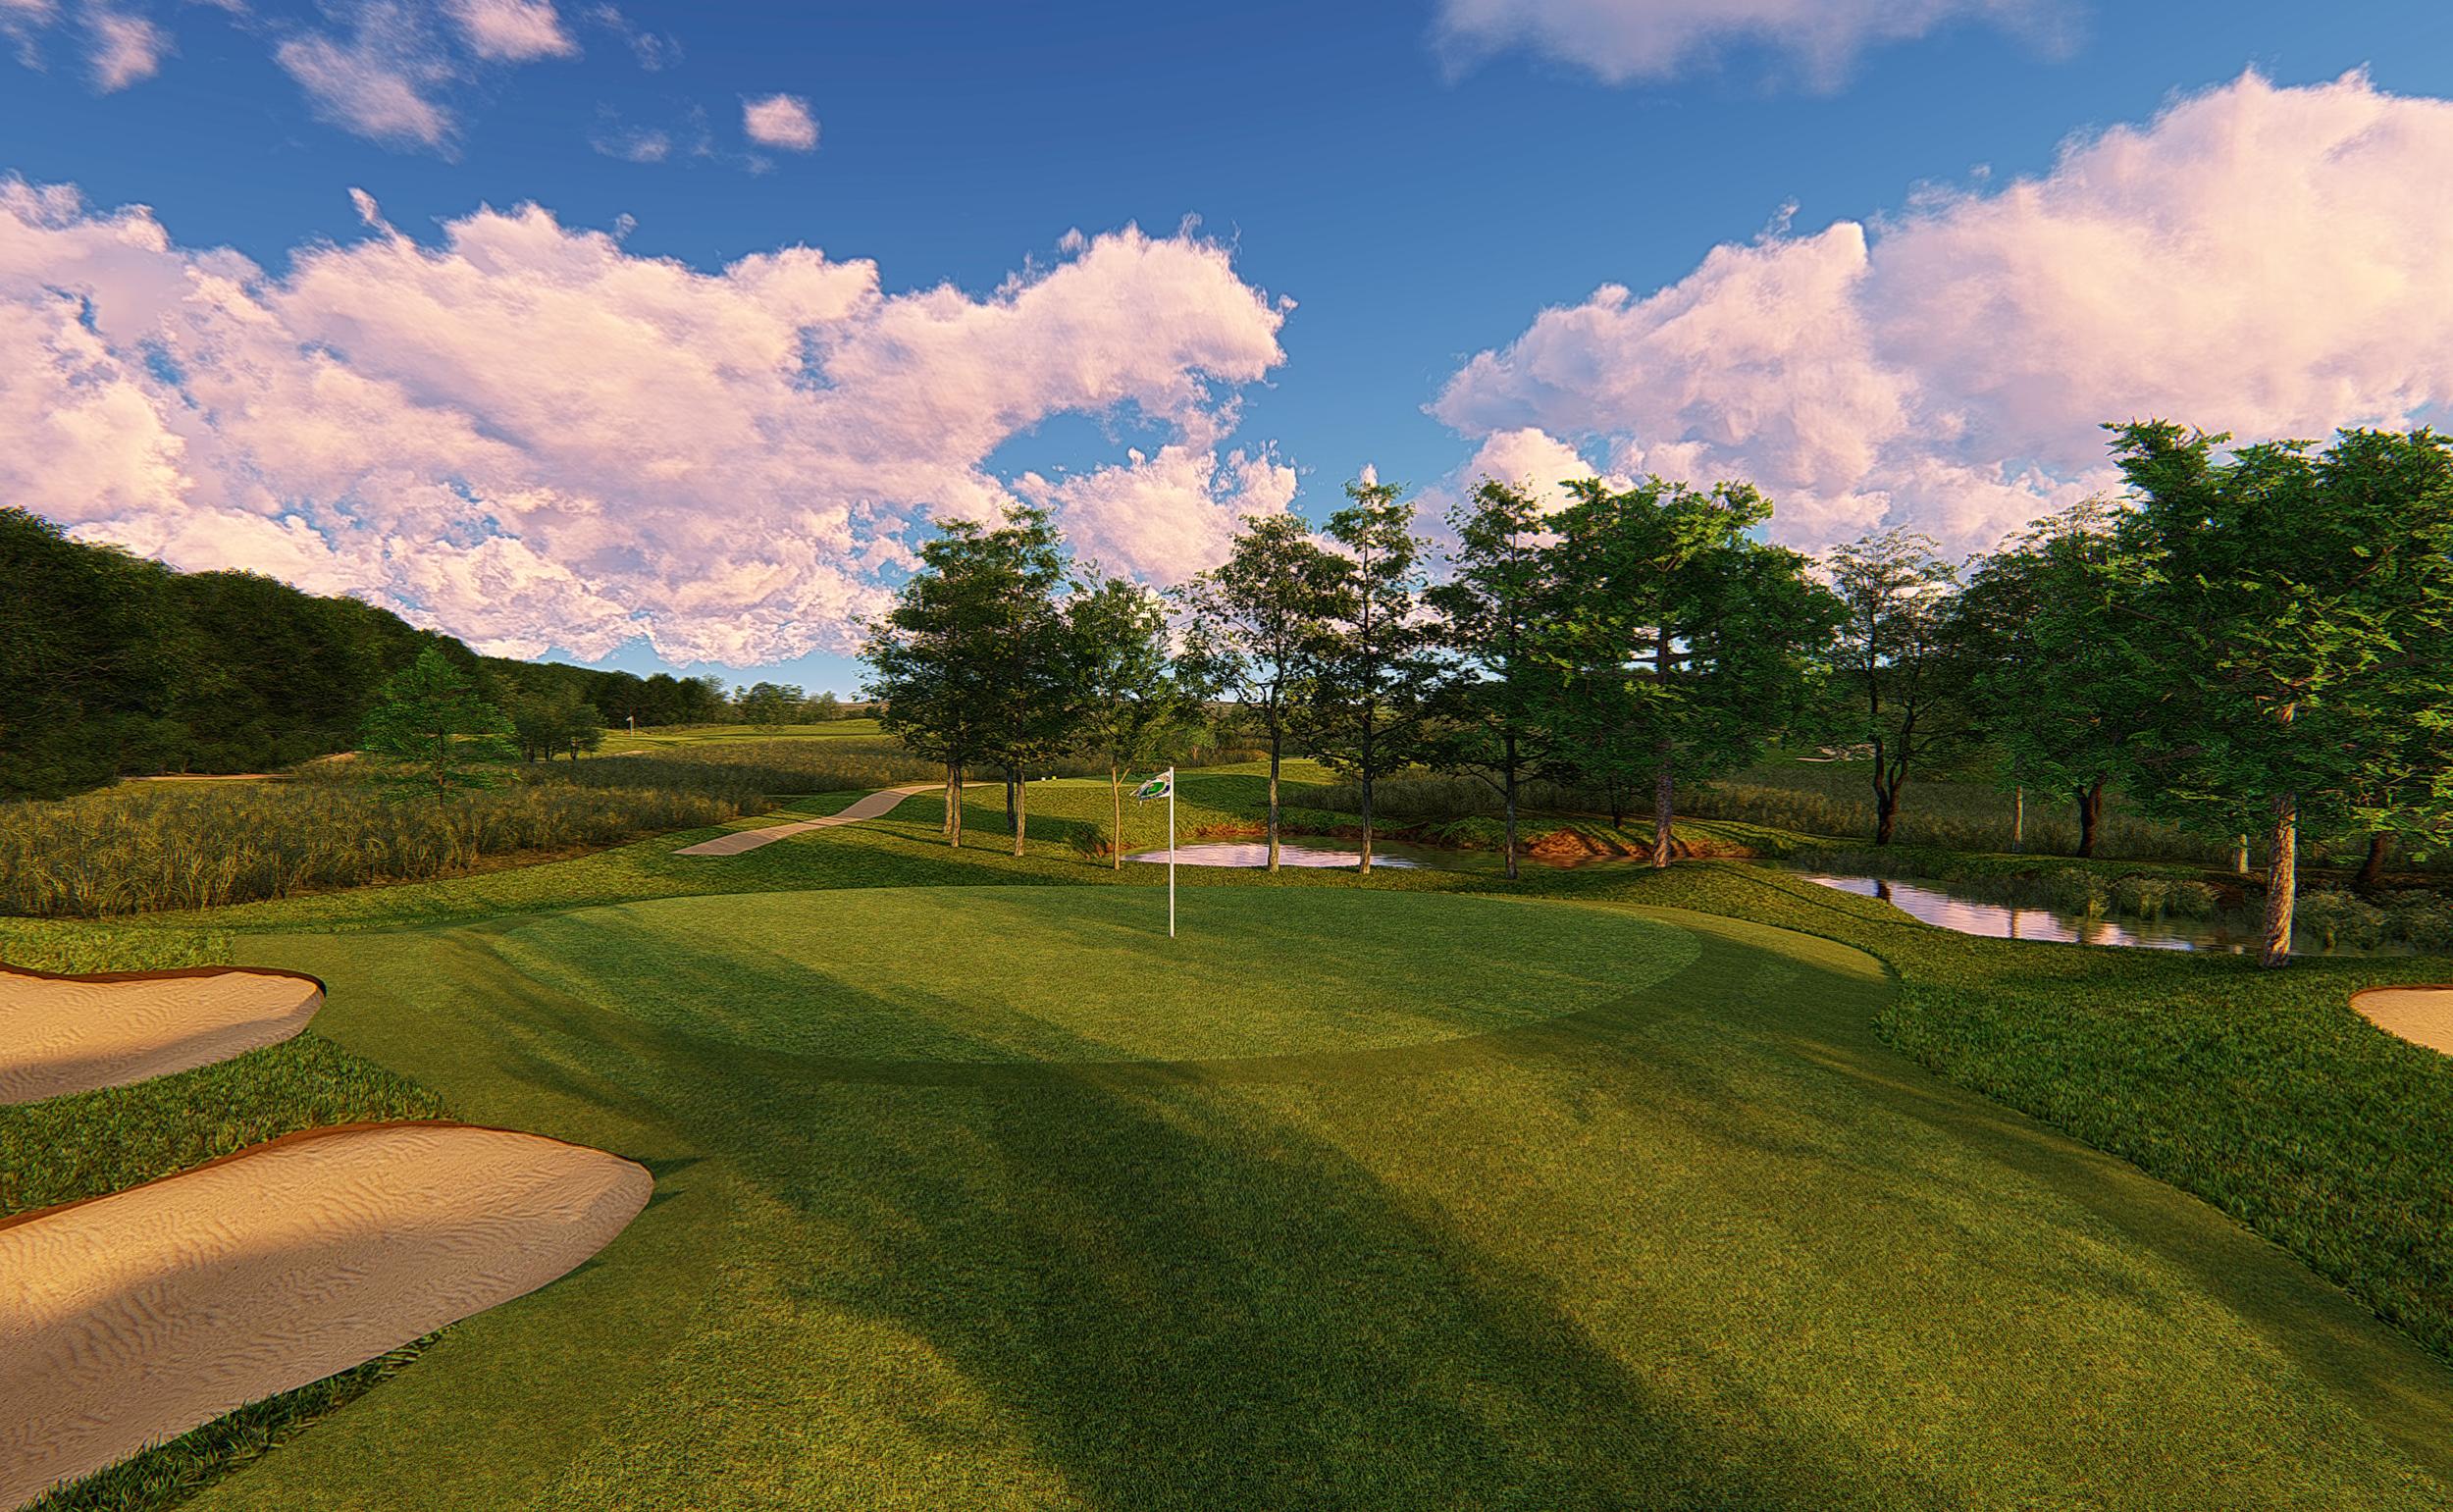 golf_course1